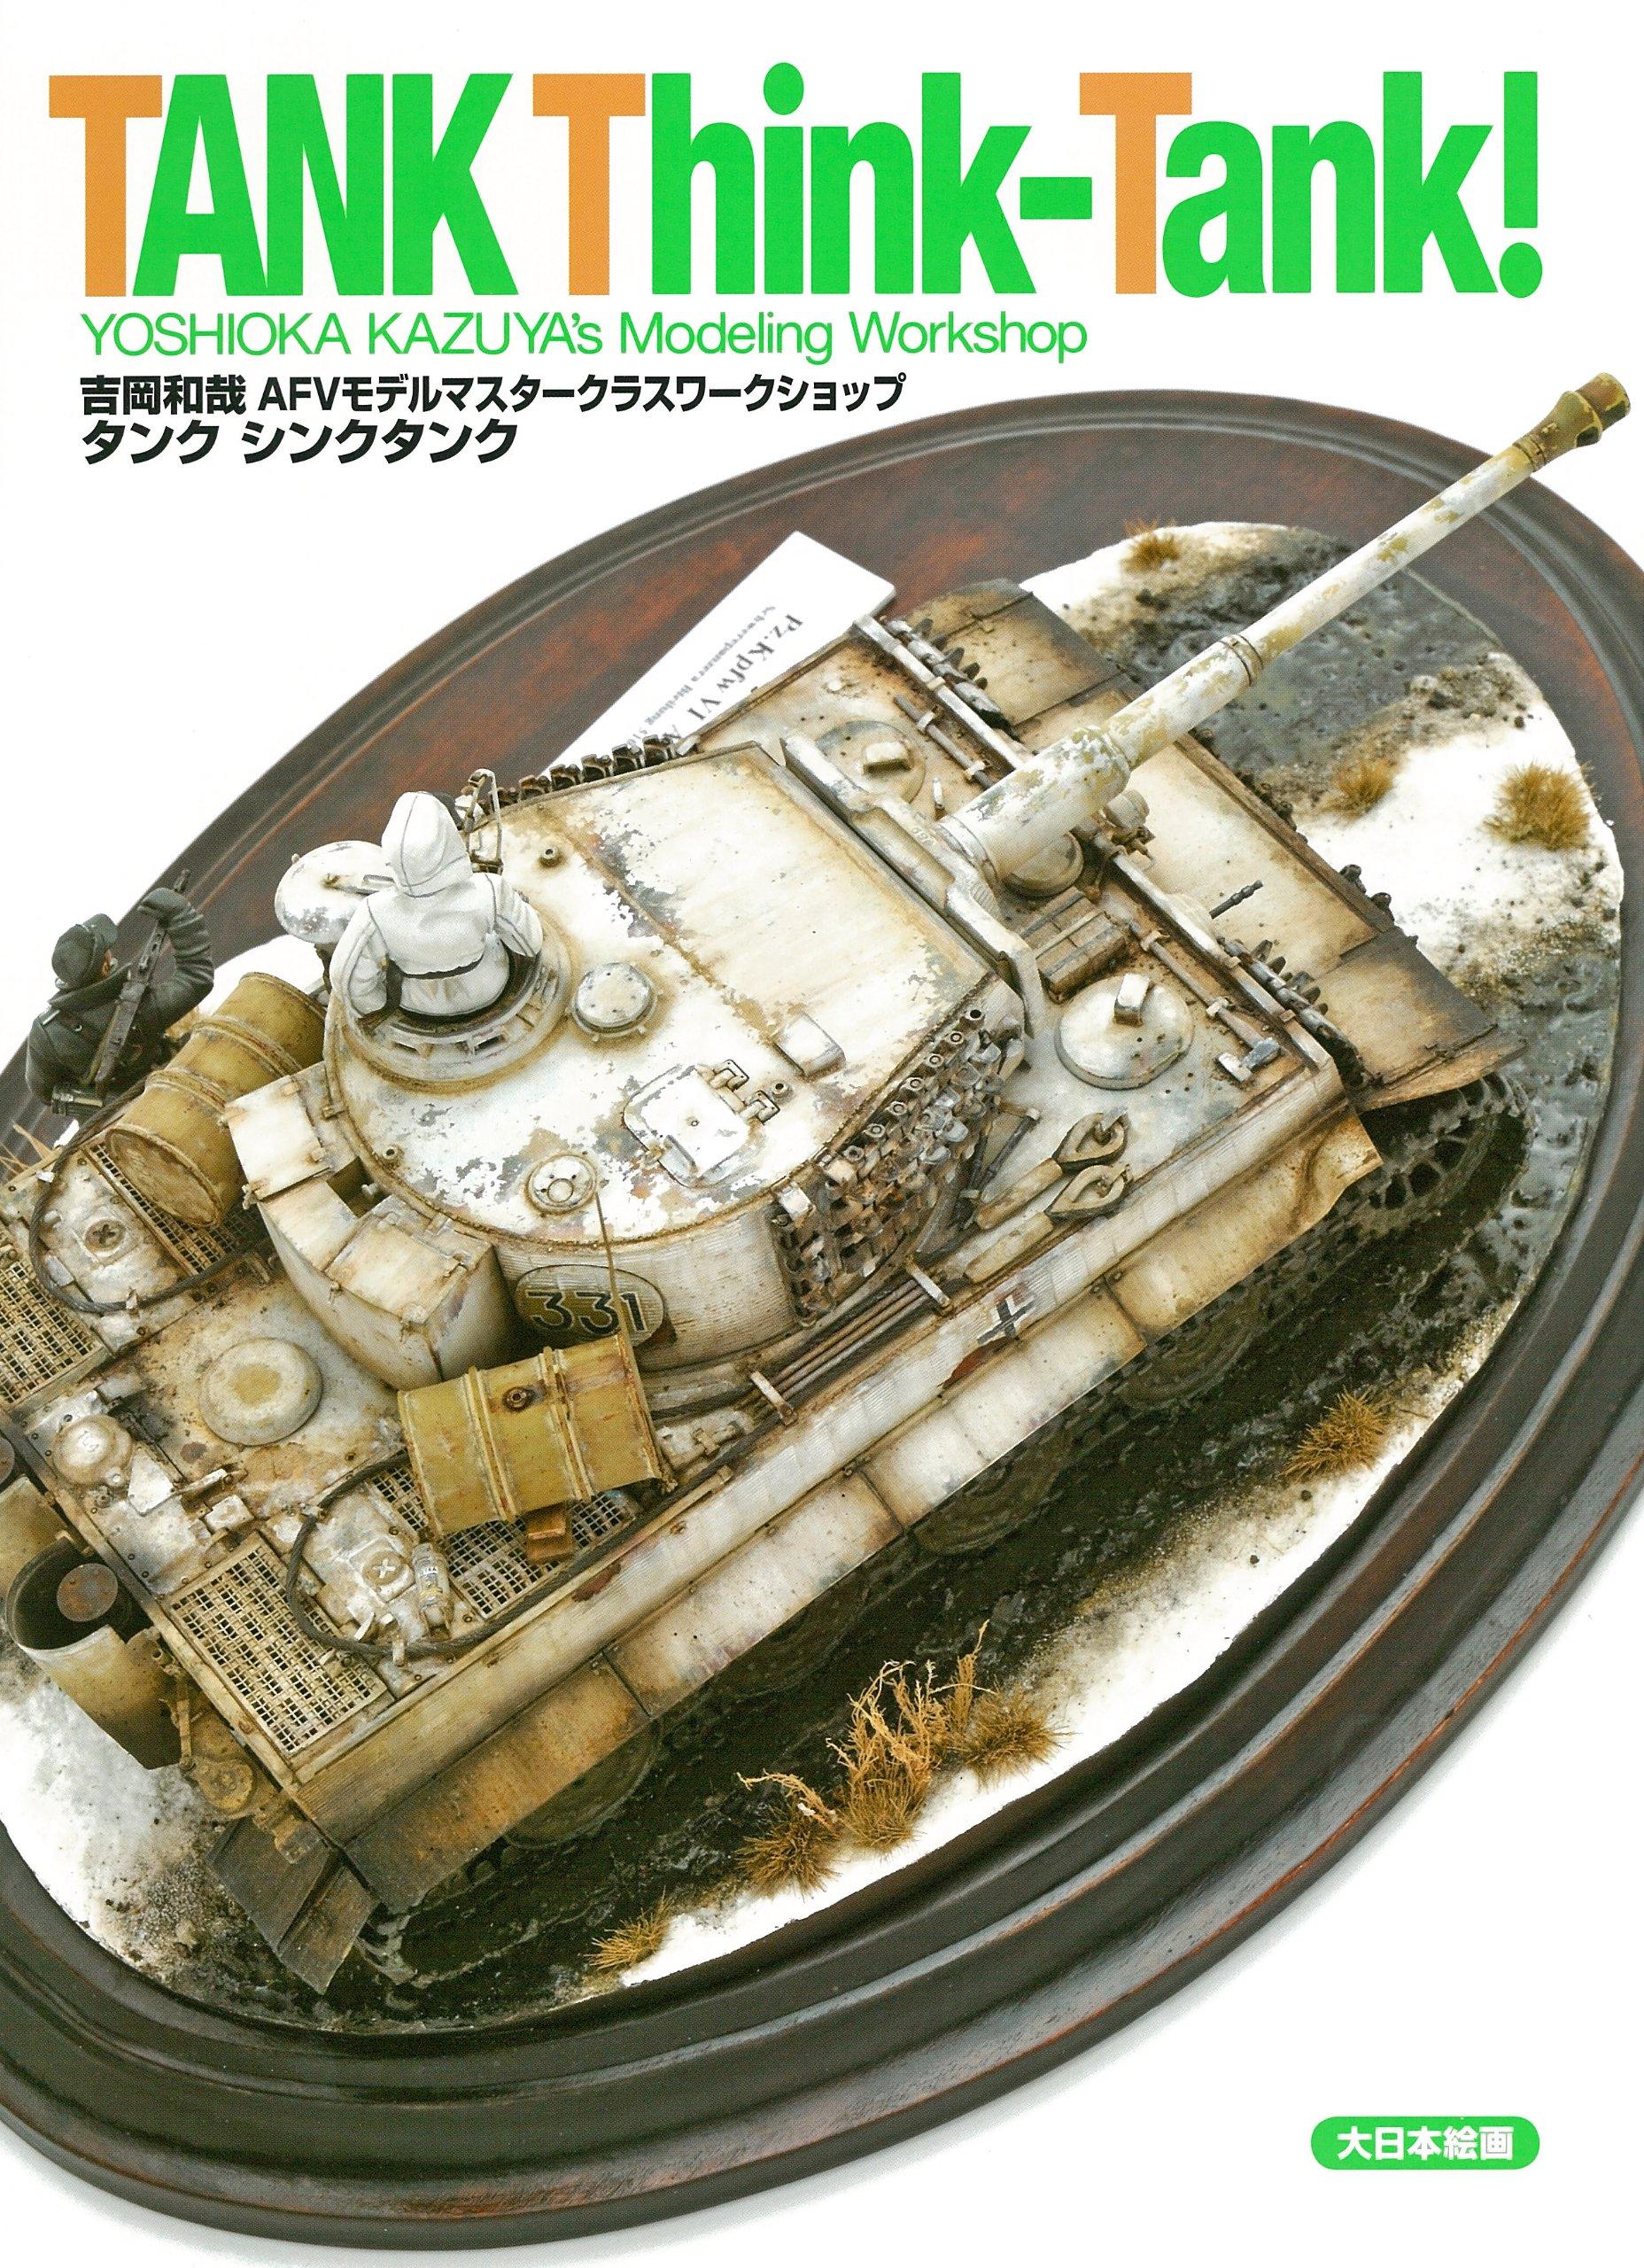 Download Tanku shinkutanku : Yoshioka kazuya eefuvui moderu masuta kurasu wakushoppu. pdf epub